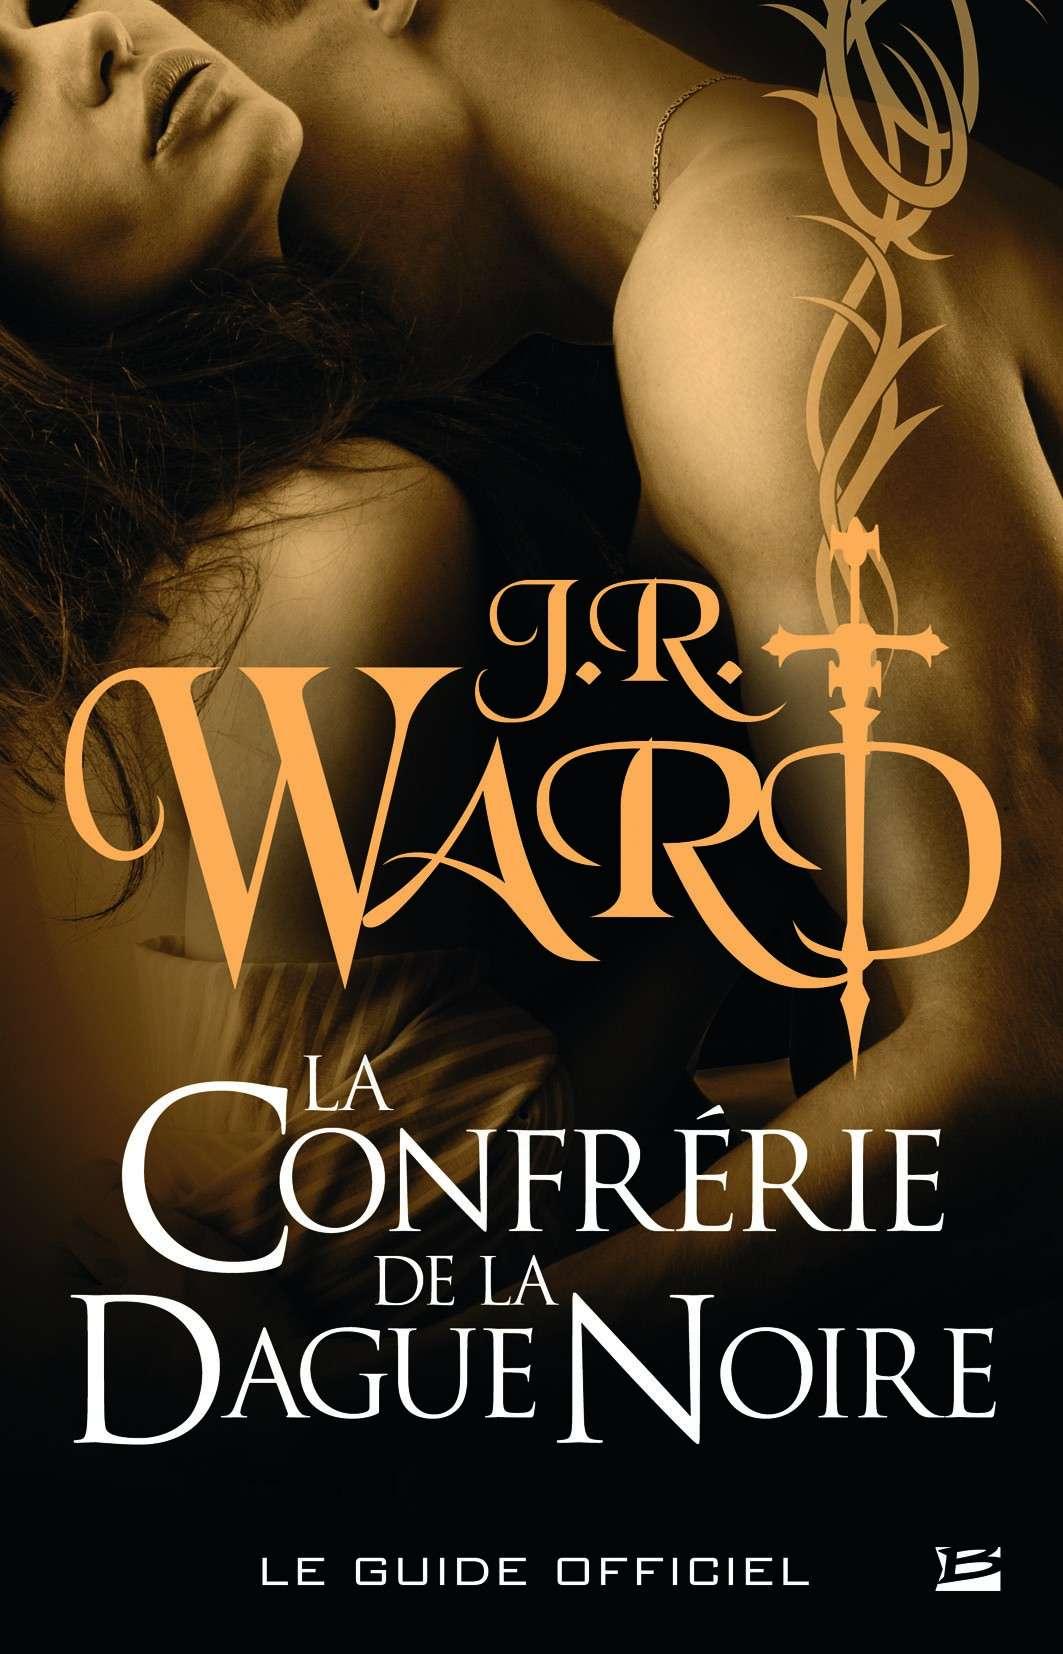 WARD J.R - LA CONFRERIE DE LA DAGUE NOIRE - Tome 6.5 - Le Guide de la Confrérie de la Dague Noire  97823519